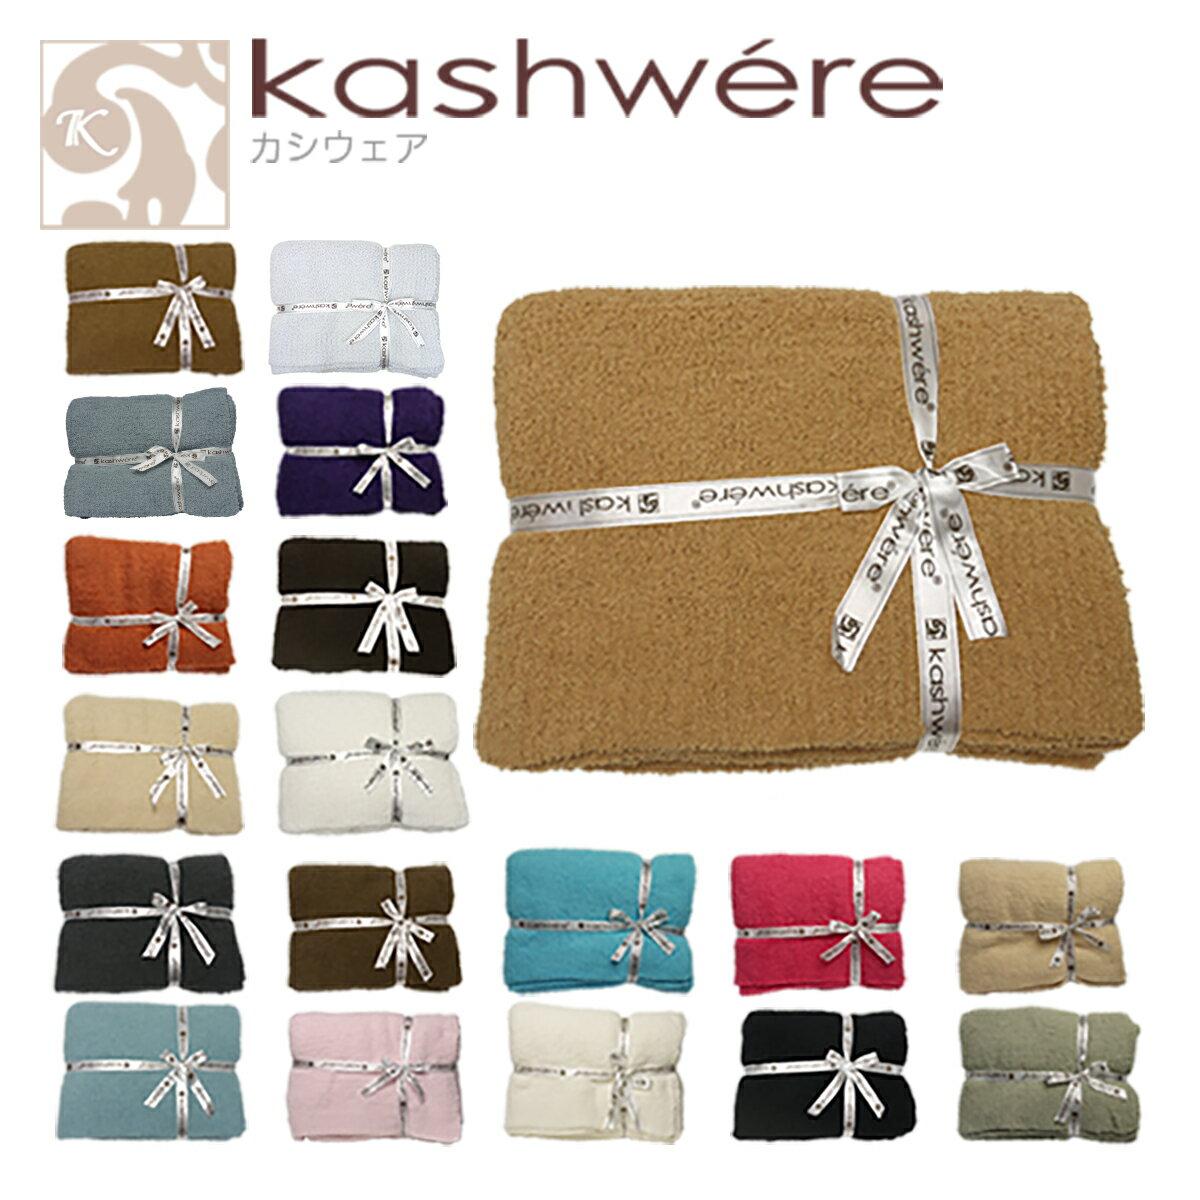 【Max1,000円OFFクーポン】kashwere カシウエア ブランケット 選べる18カラー タオルケット カシウェア ギフト可